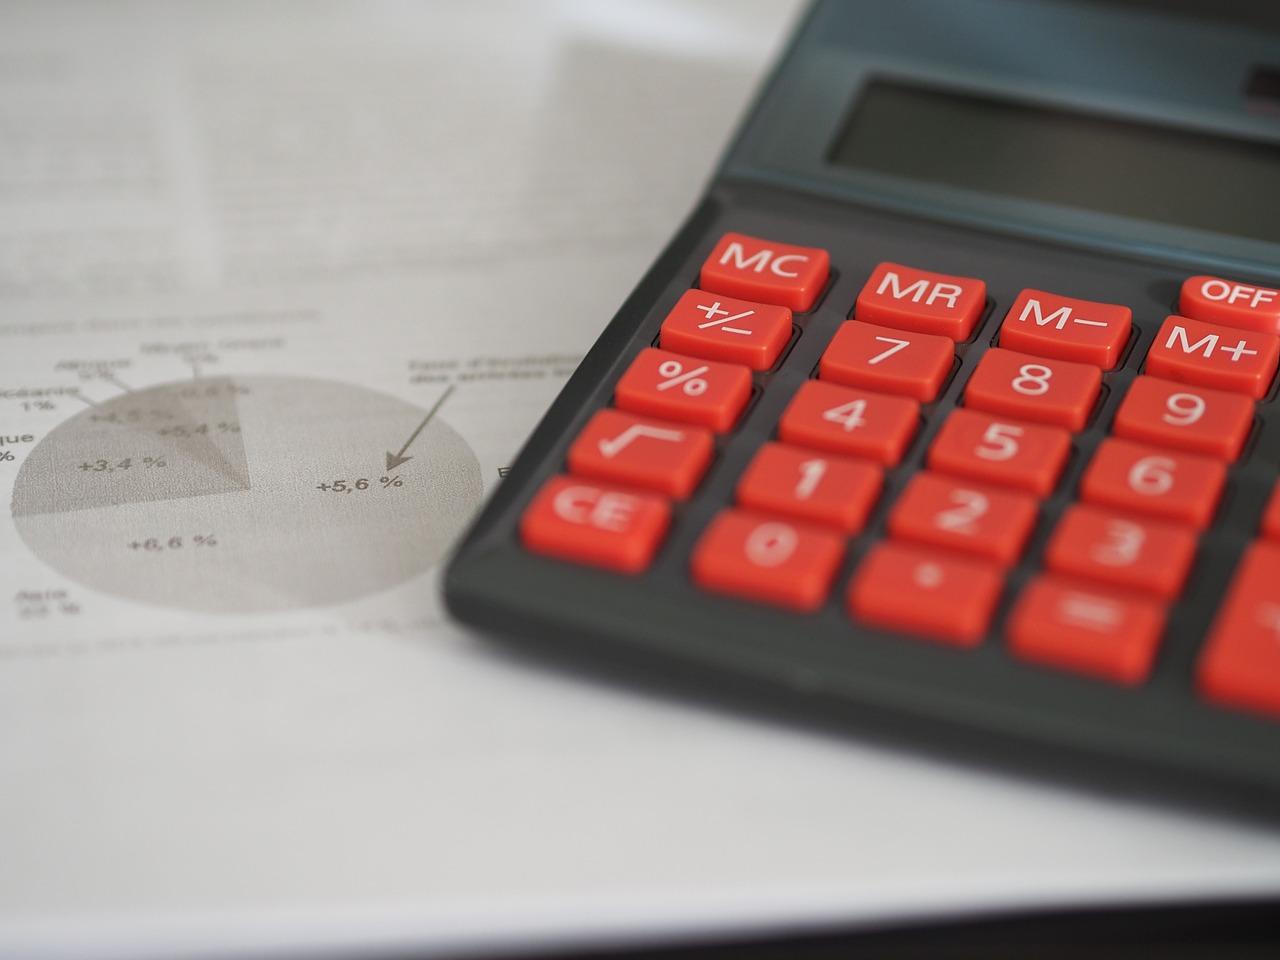 Como calcular o ROI (retorno sobre investimento) da frota do CFC